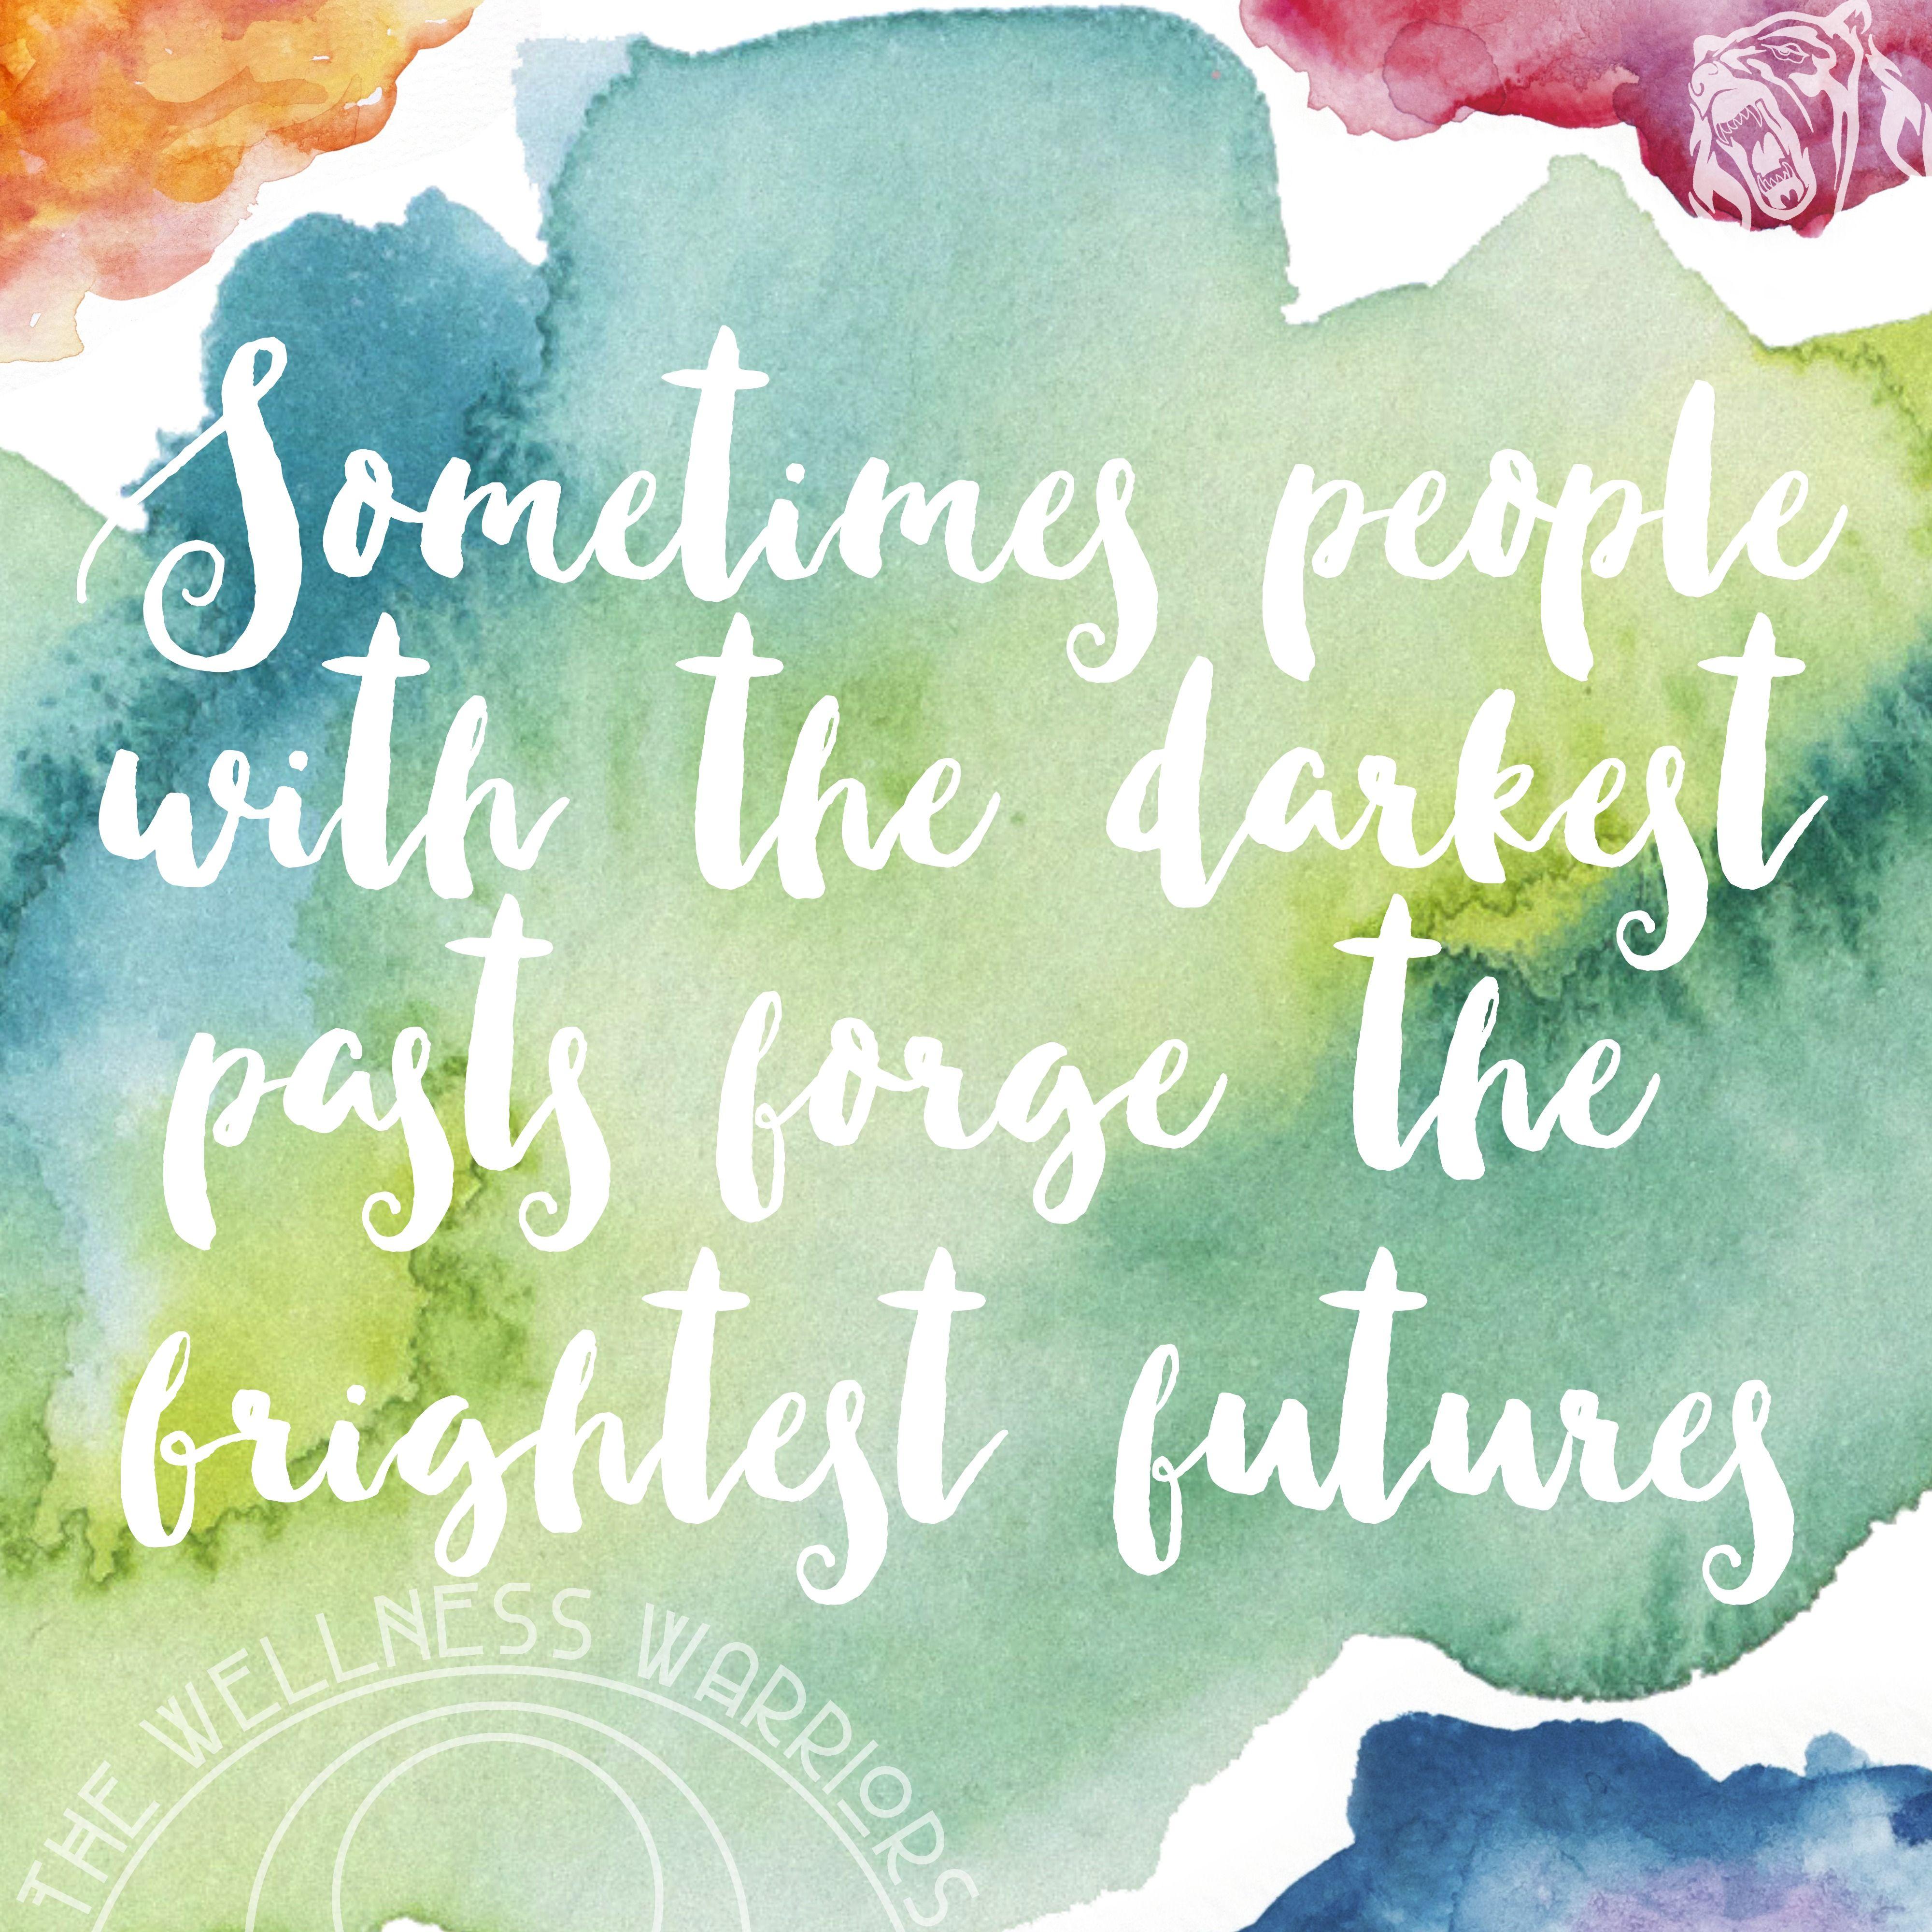 Health Wellness Bright Future Quotes Future Quotes Bright Future